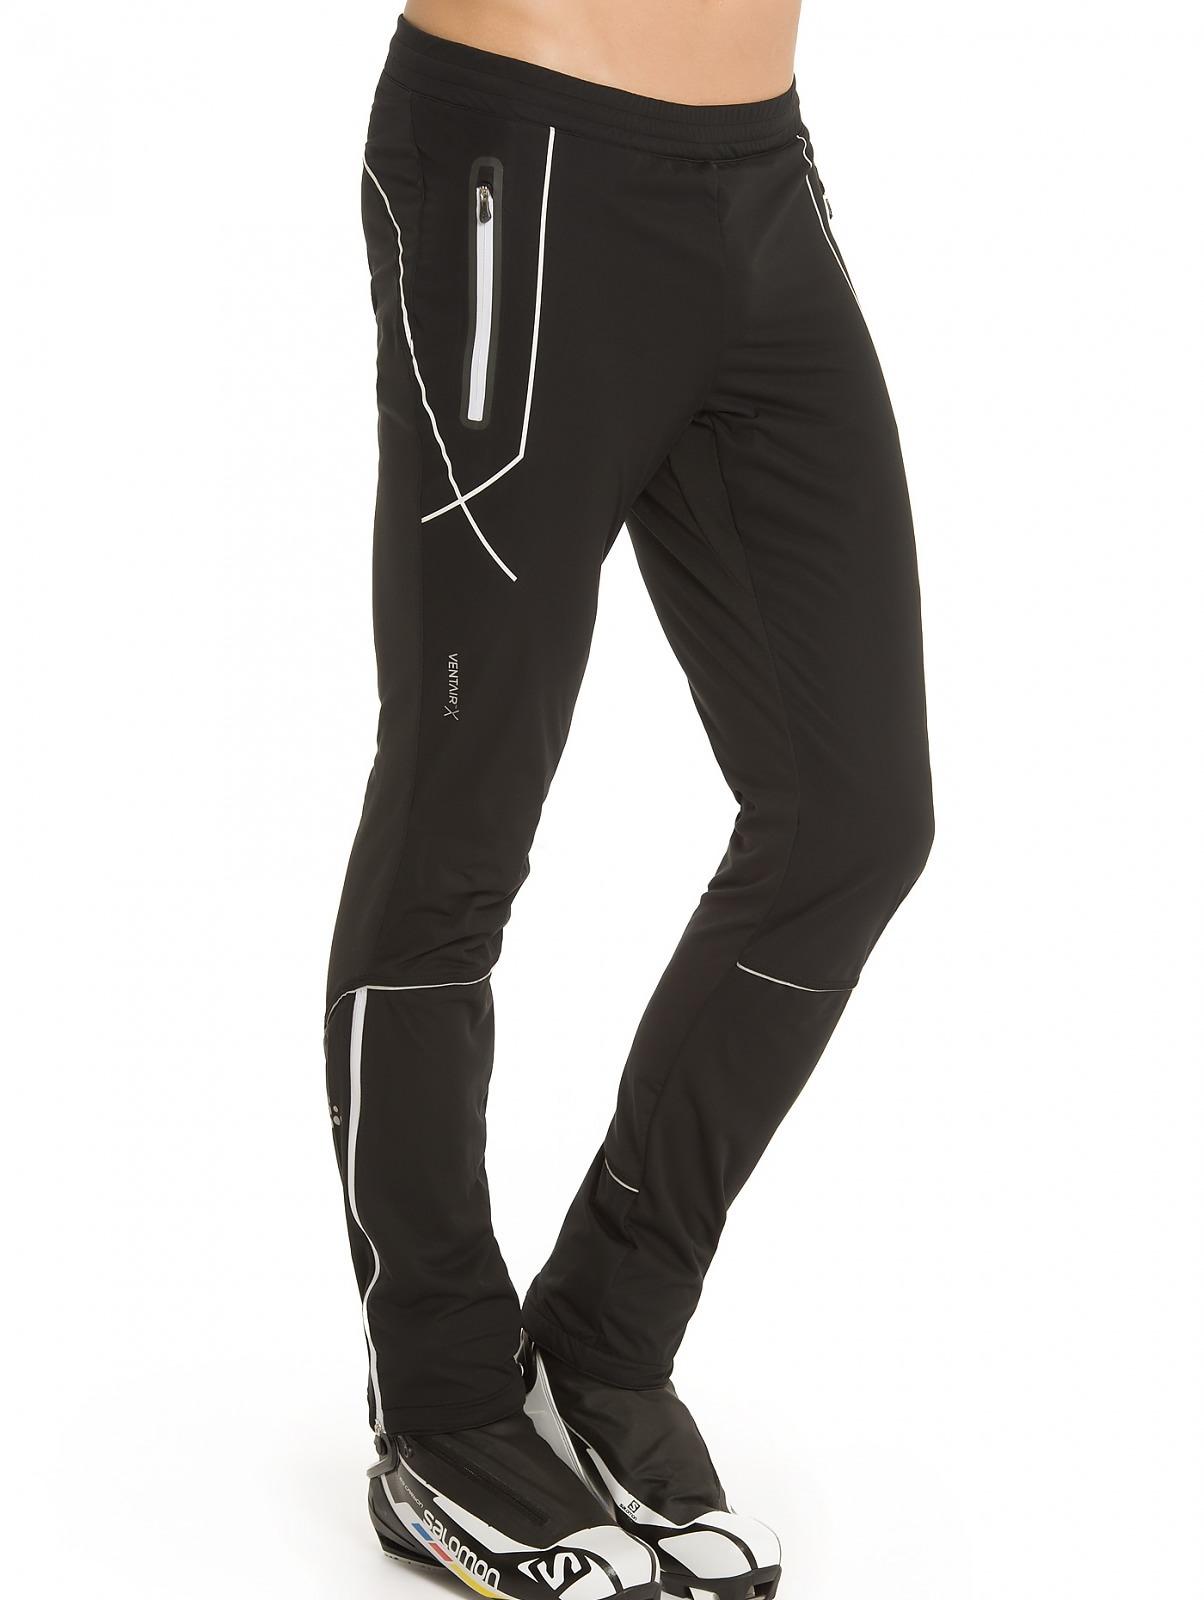 Элитный тренировочный костюм для беговых лыж Craft High Function черный